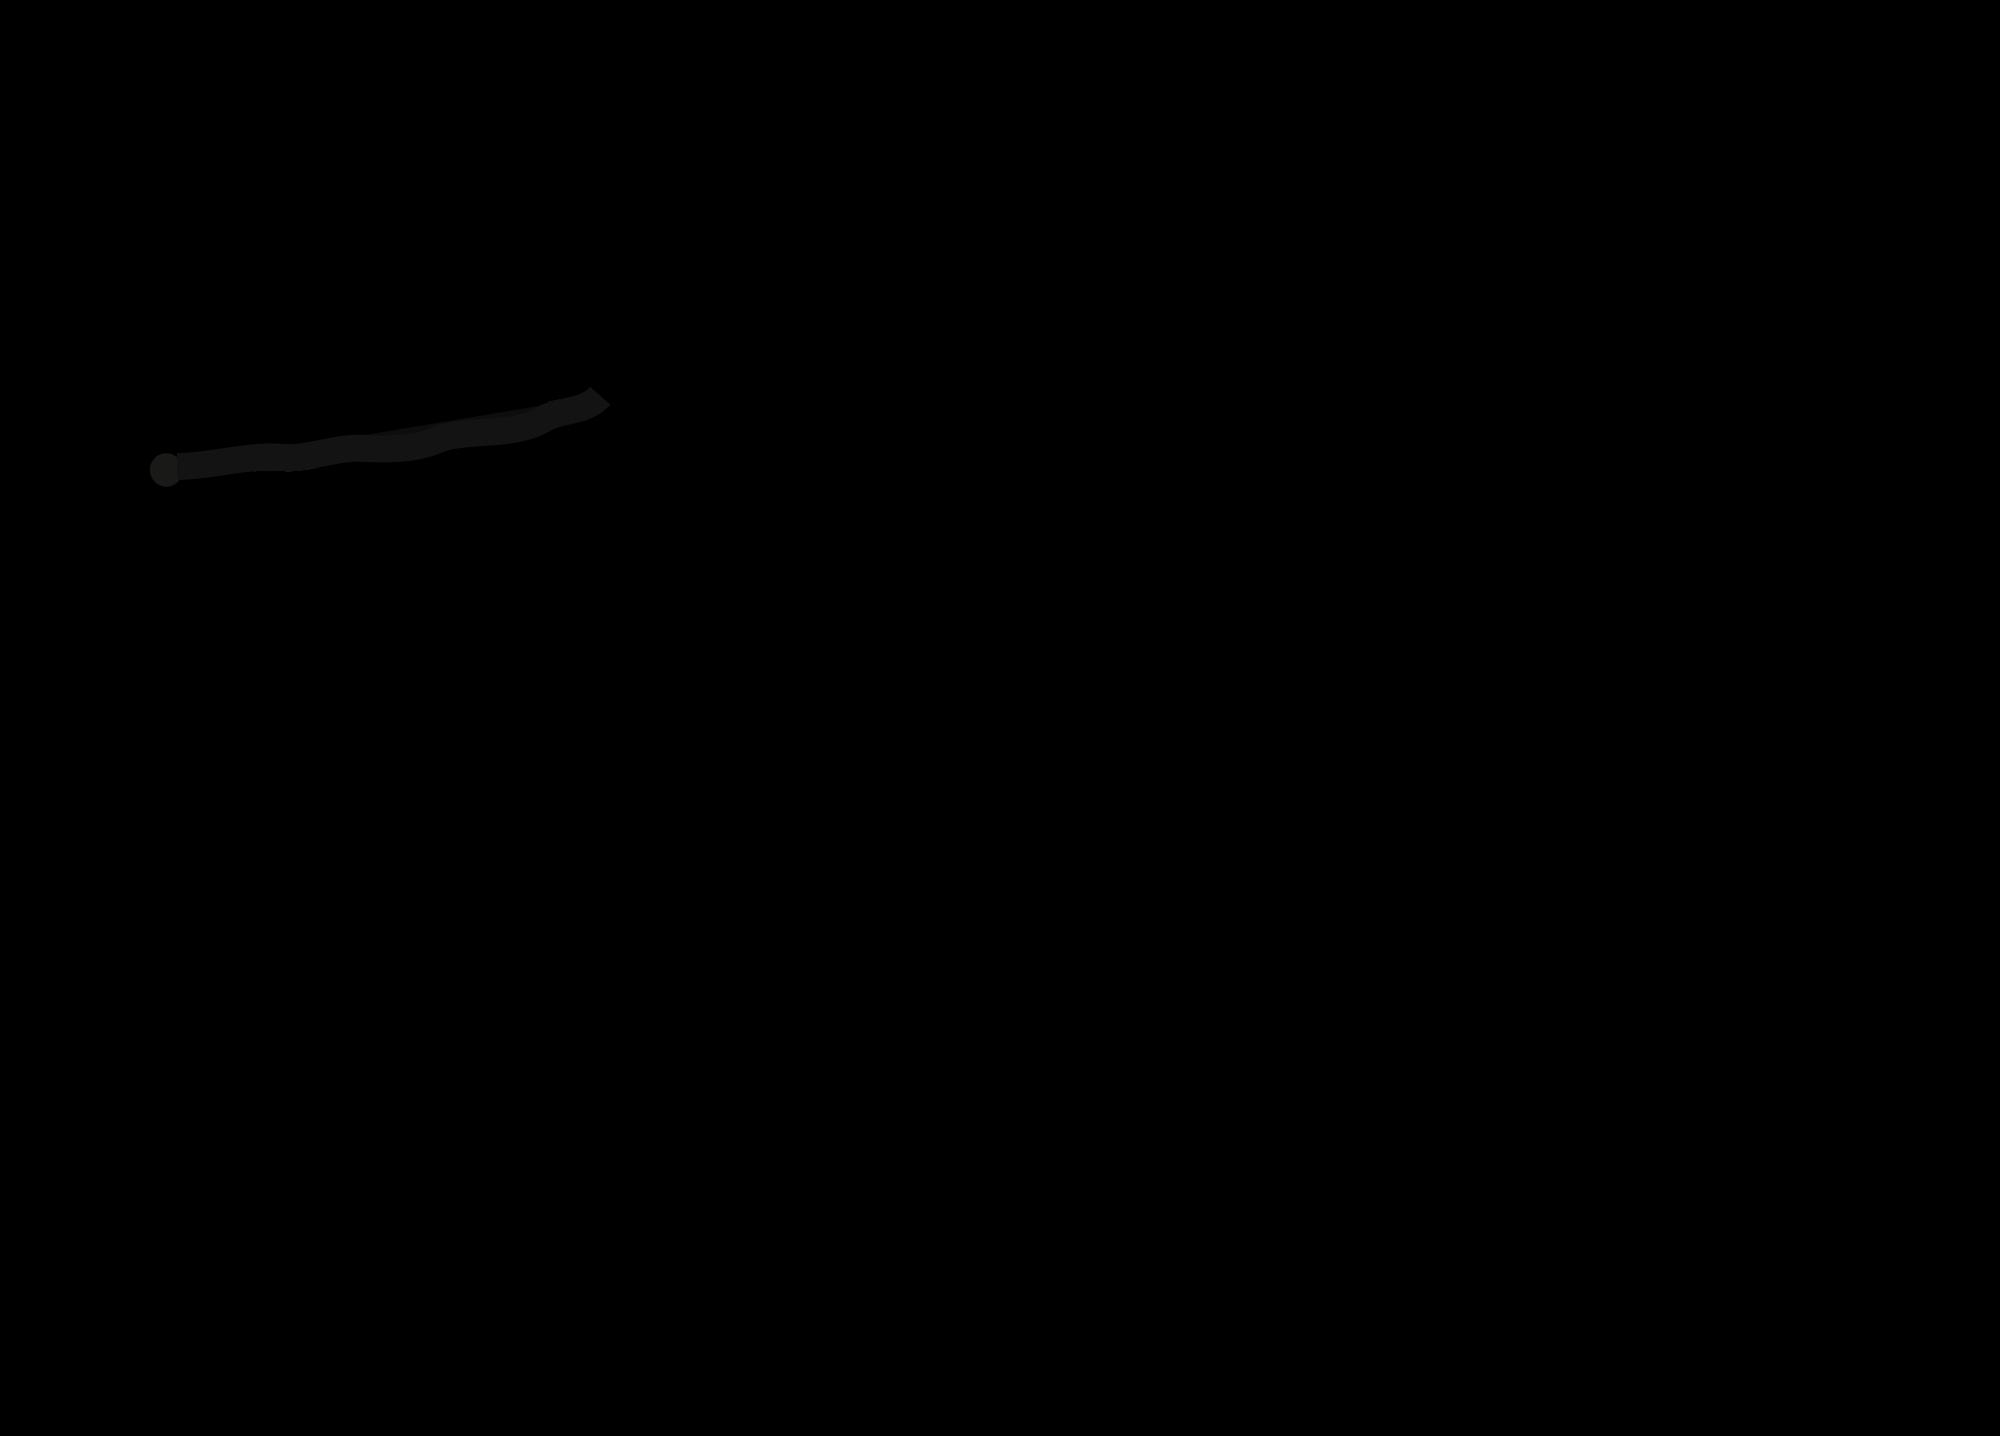 2000x1436 Racer Clipart Races